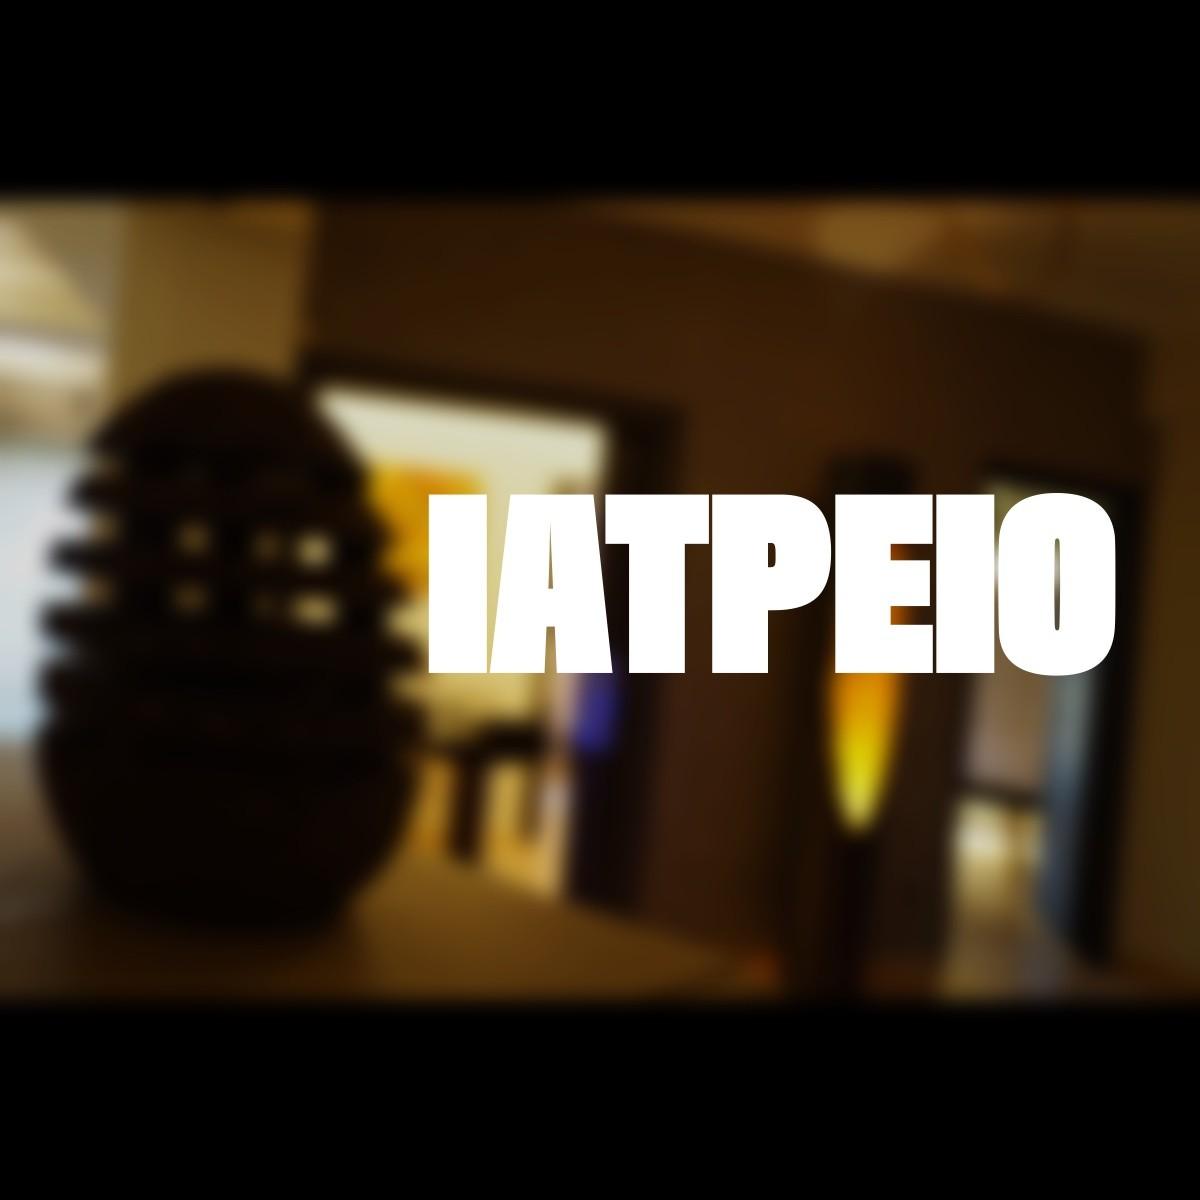 iatpeio